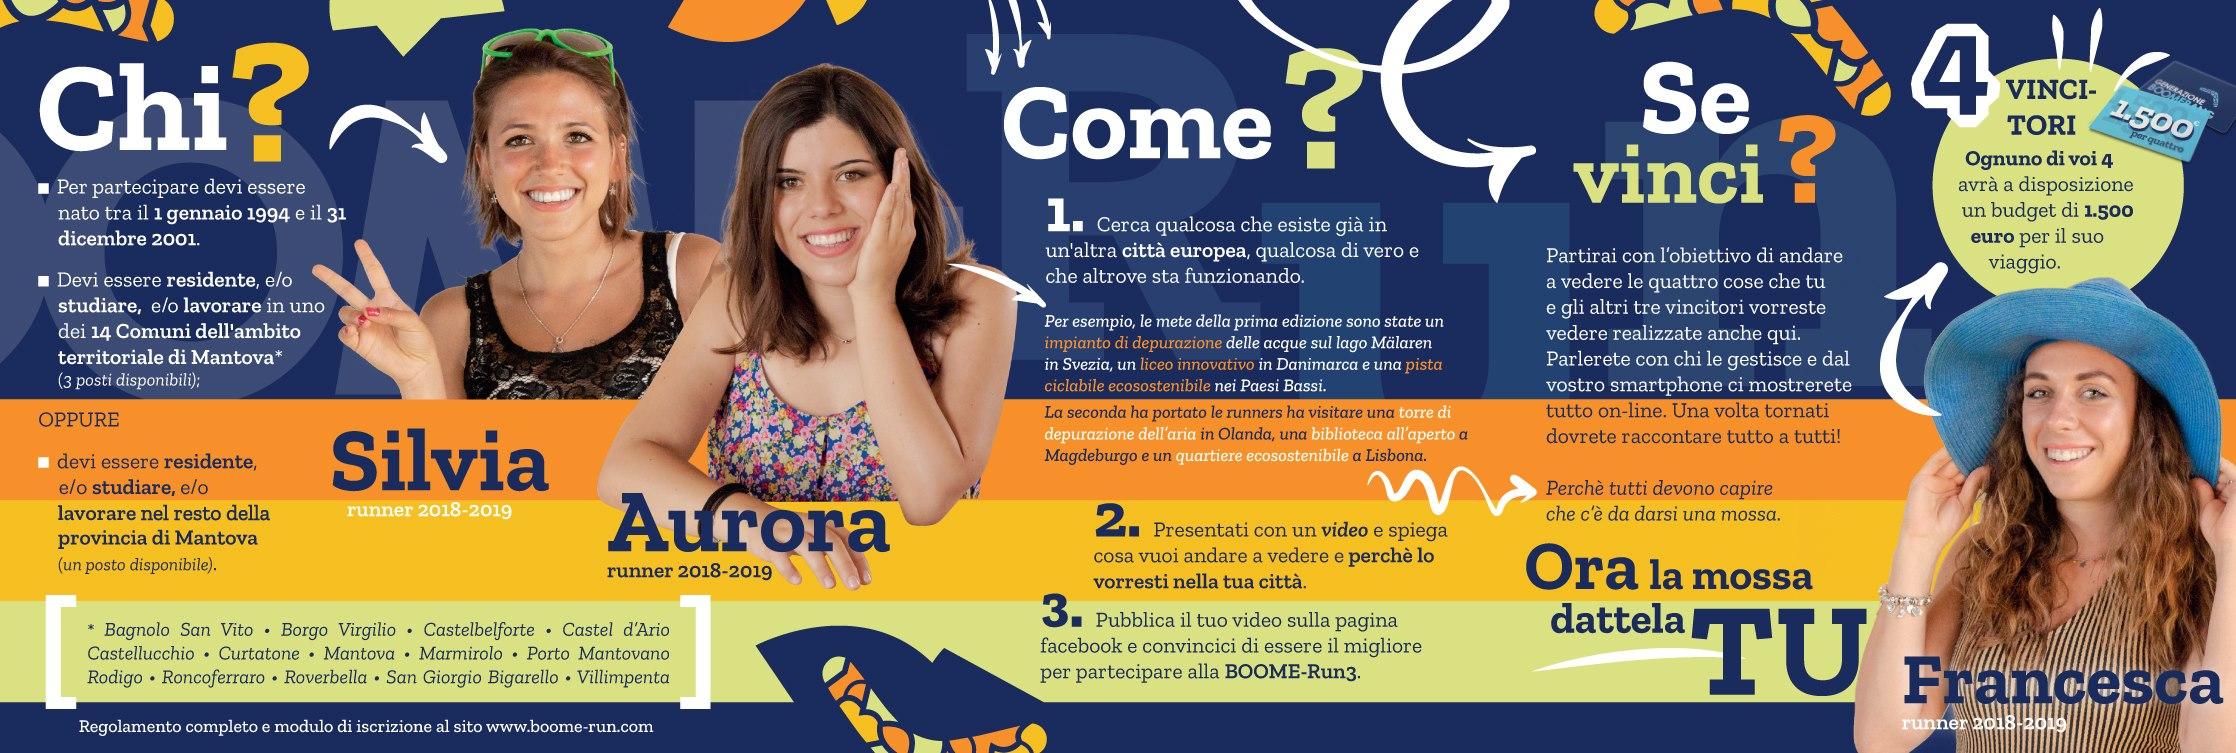 Boome-run 3: vinci un viaggio in Europa